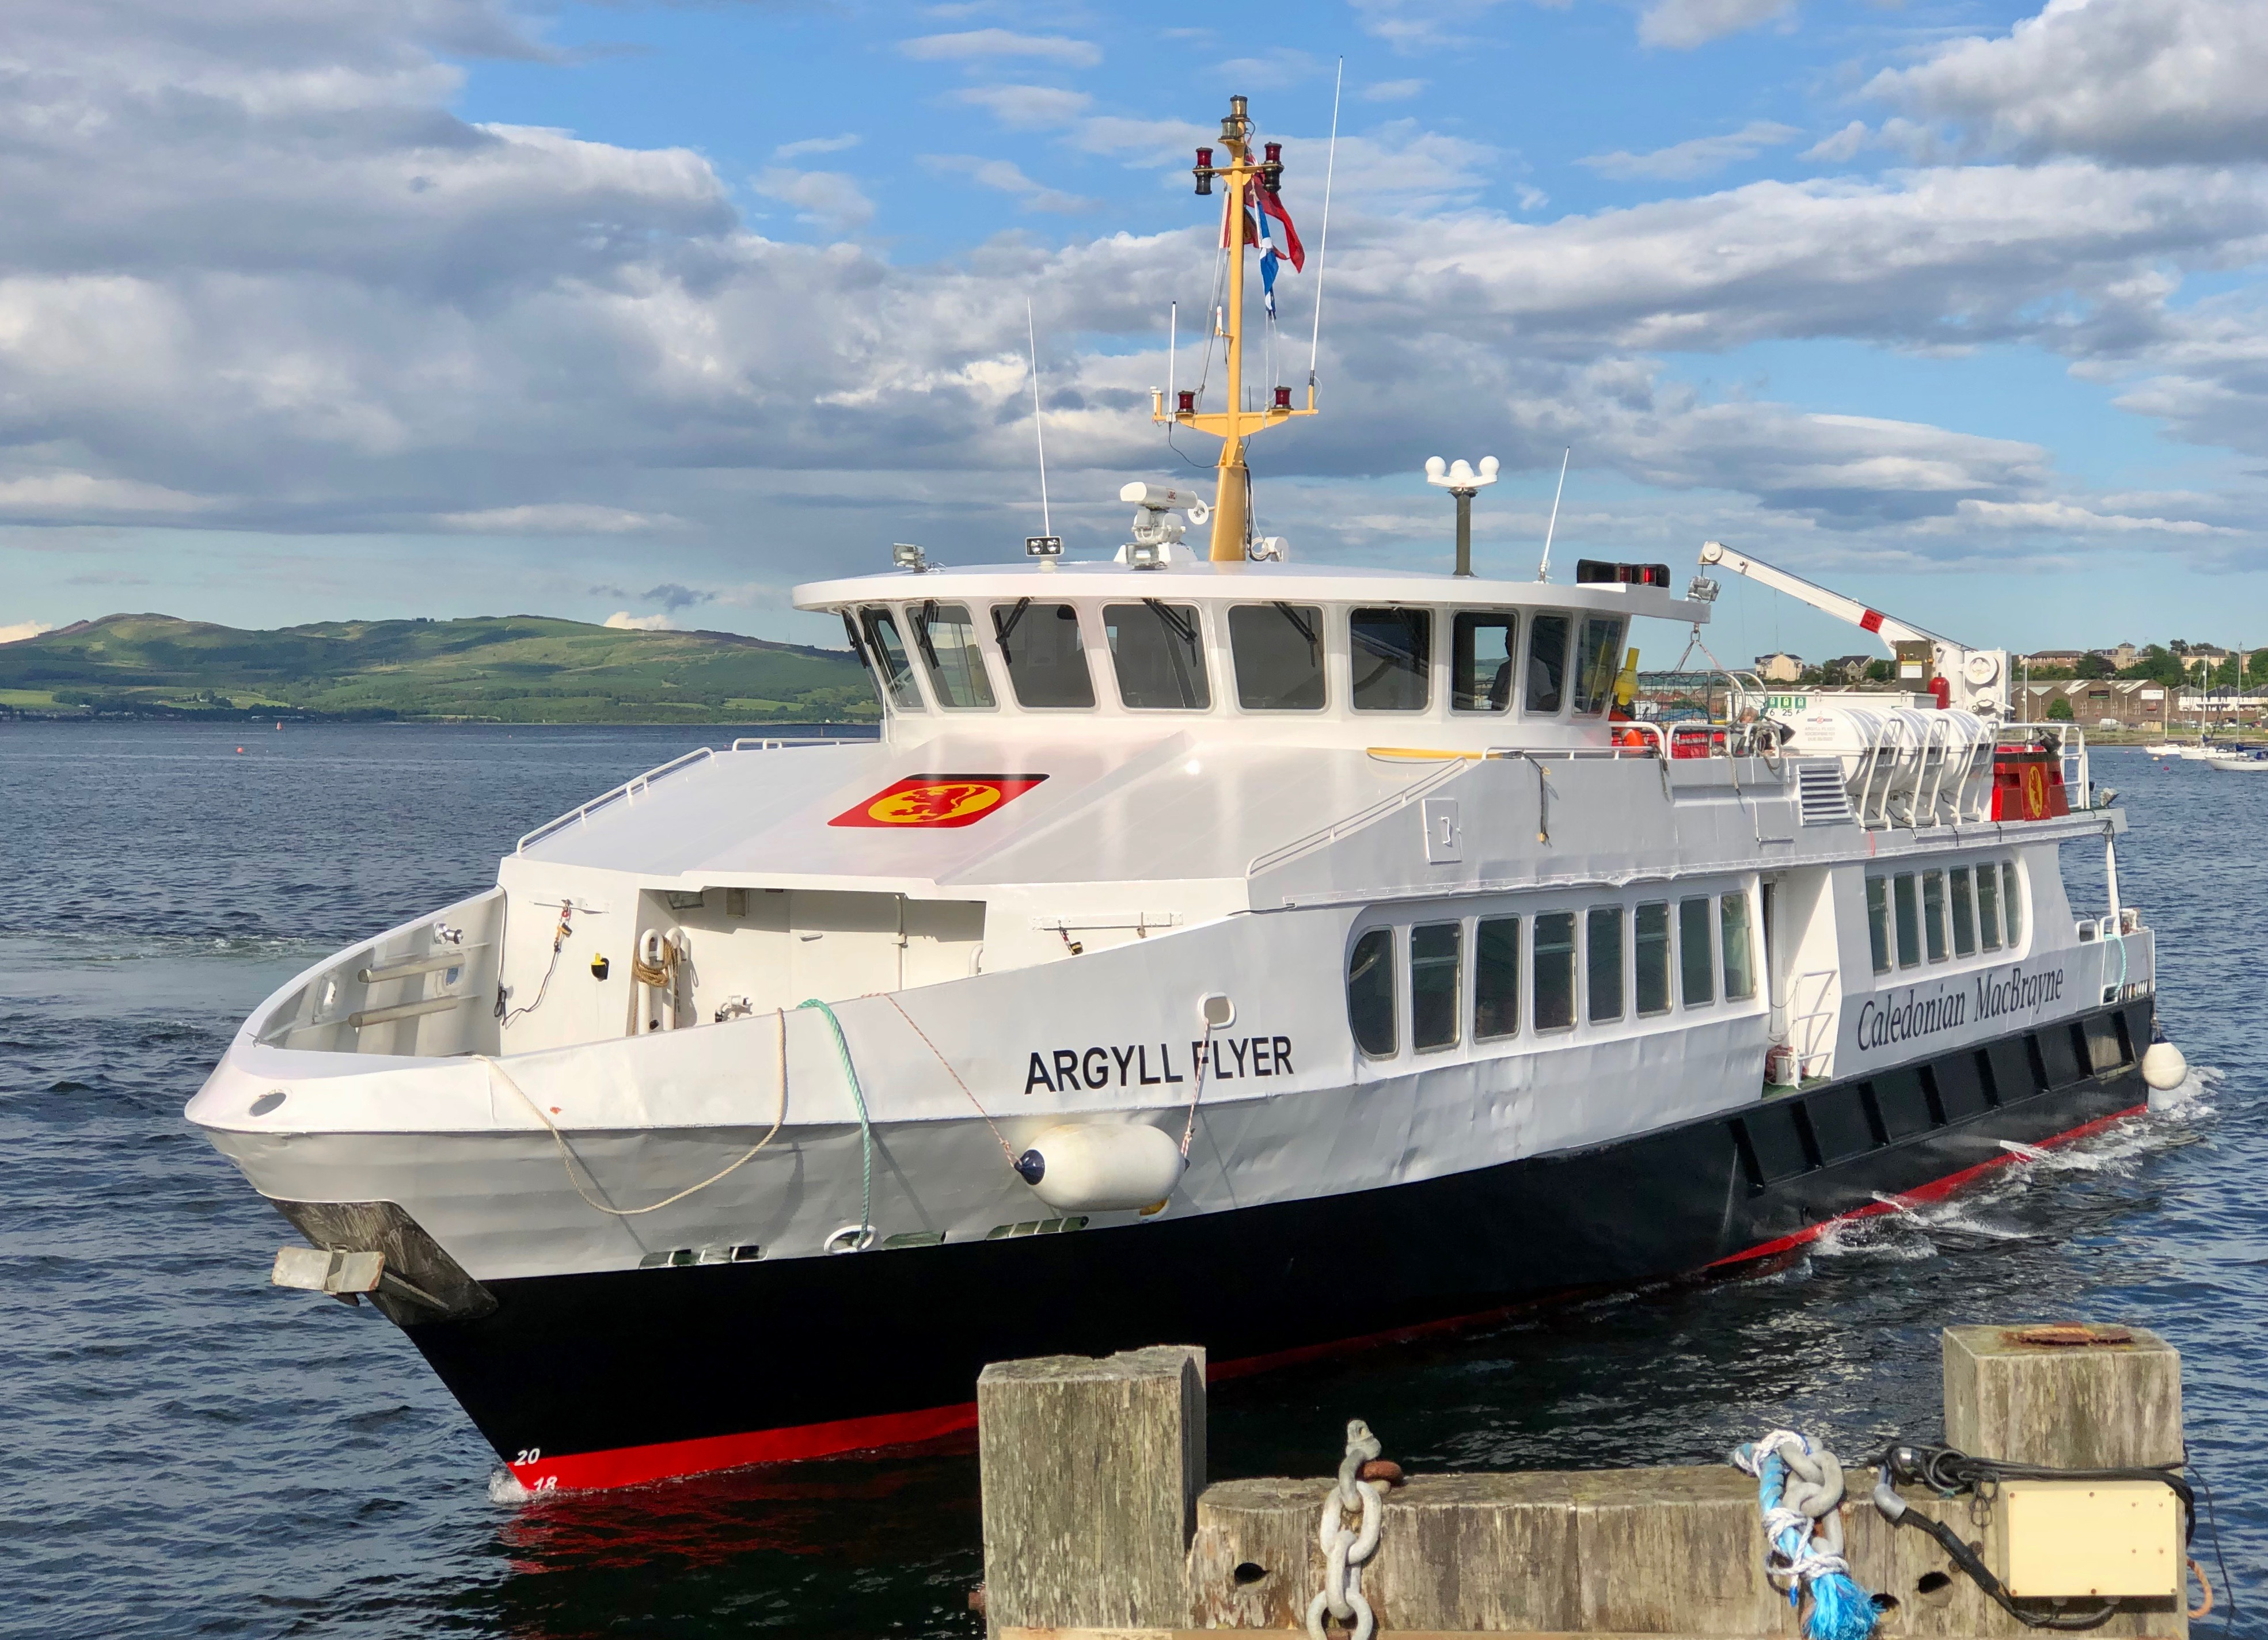 MV Argyll Flyer - Wikipedia